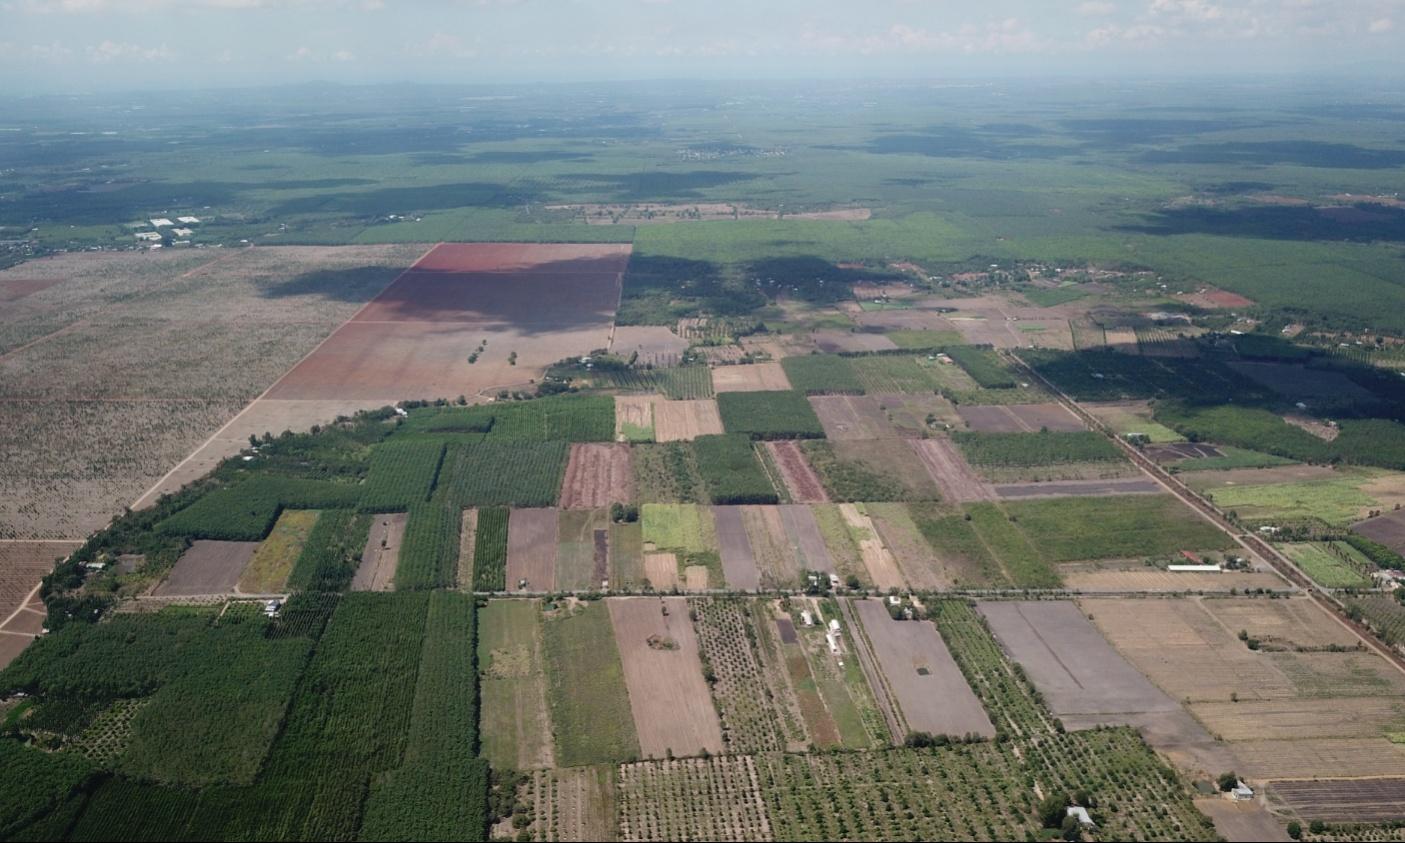 Lô đất cực rộng 110ha phù hợp cho tái định cư, nông nghiệp công nghệ cao tại Bàu Lâm, Xuyên Mộc